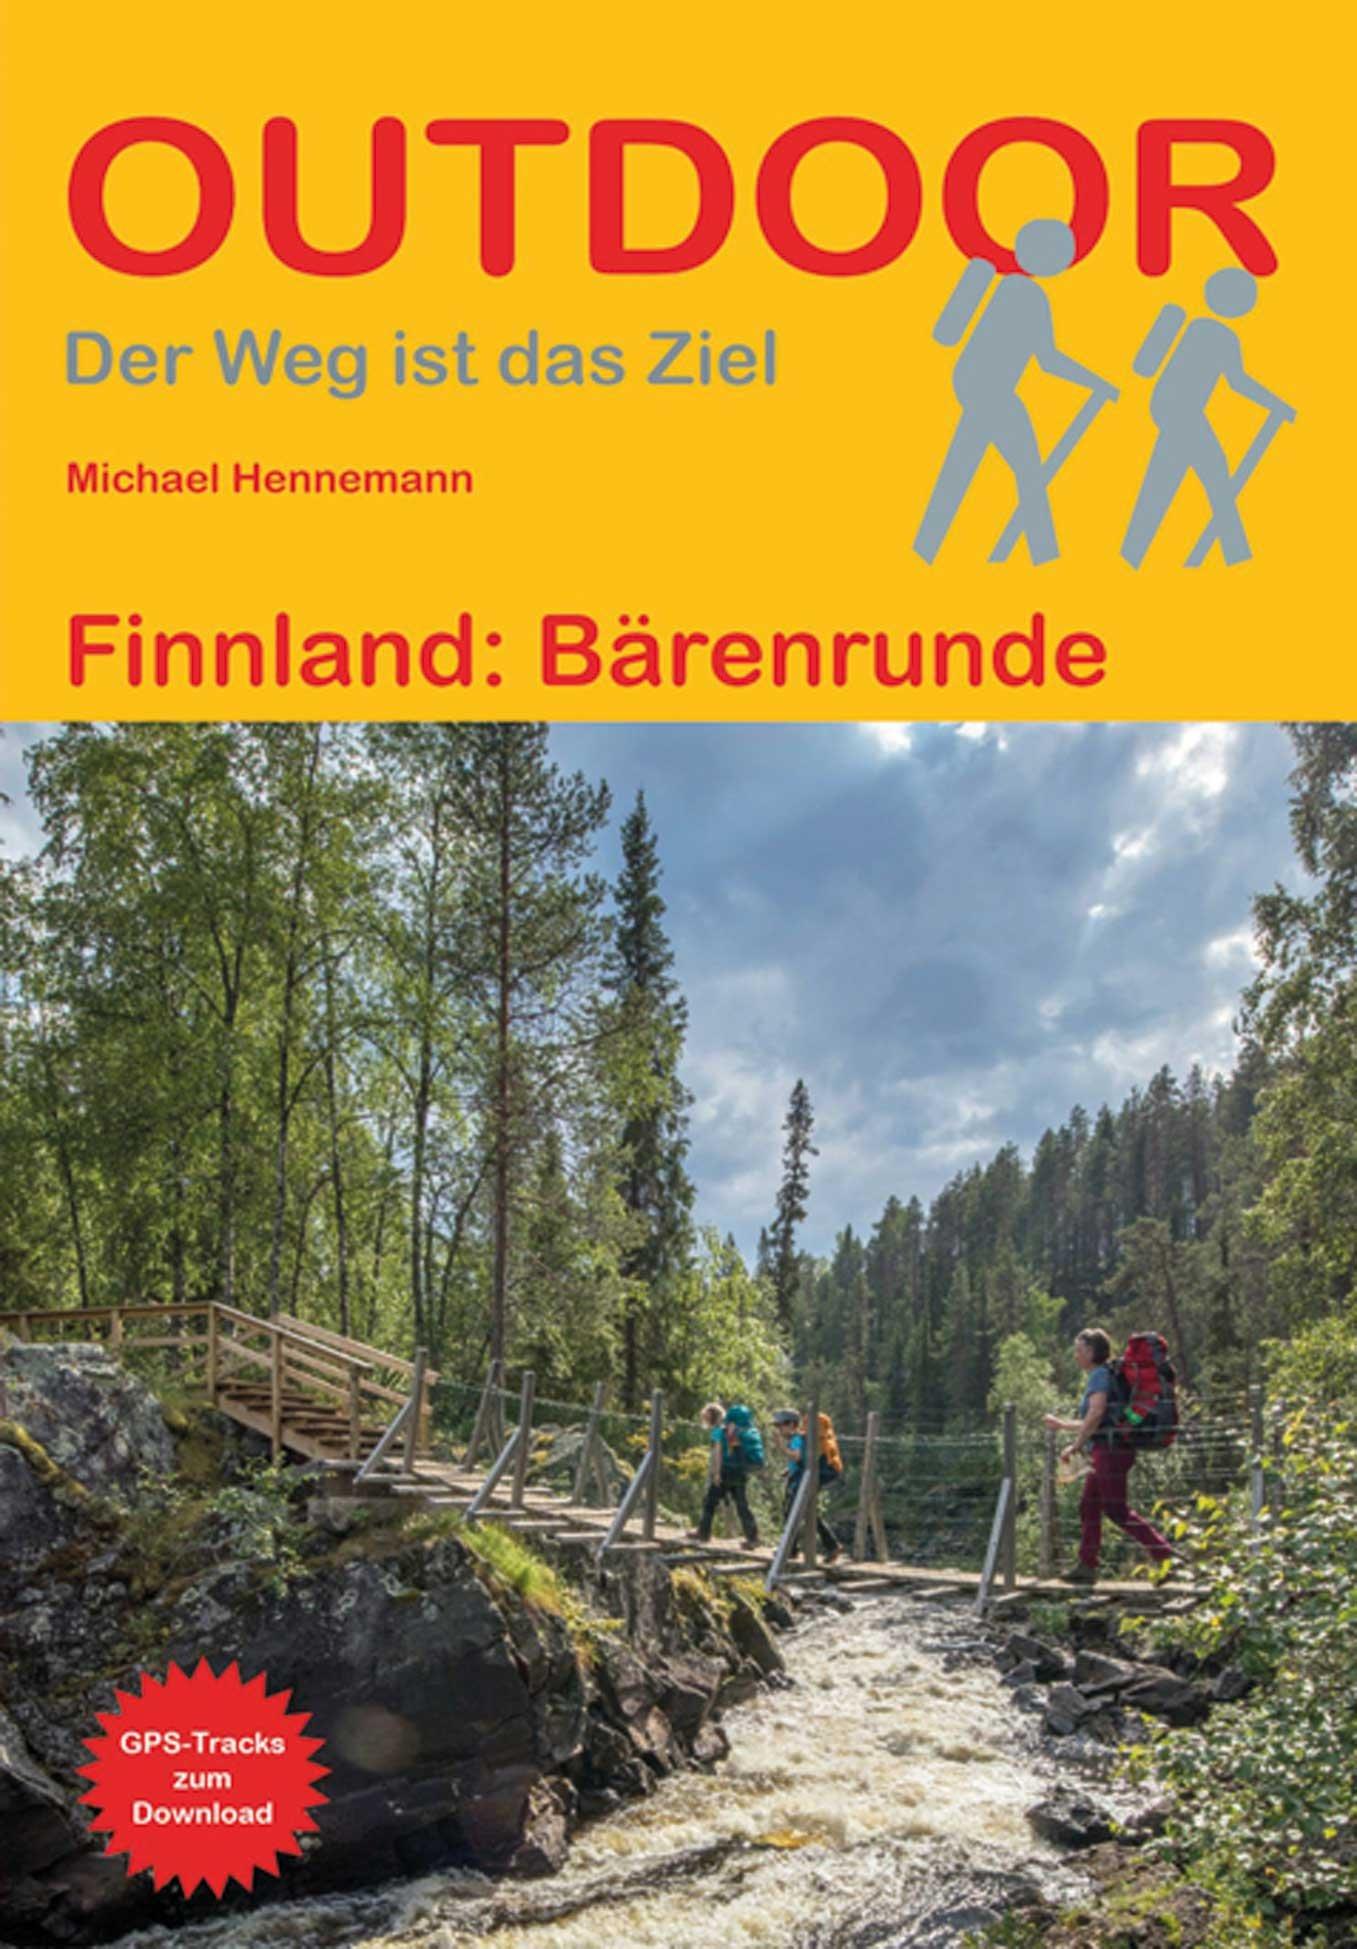 Bärenrunde | wandelgids (Duitstalig) 9783866866676 Hennemann Conrad Stein Verlag Outdoor - Der Weg ist das Ziel  Meerdaagse wandelroutes, Wandelgidsen Finland